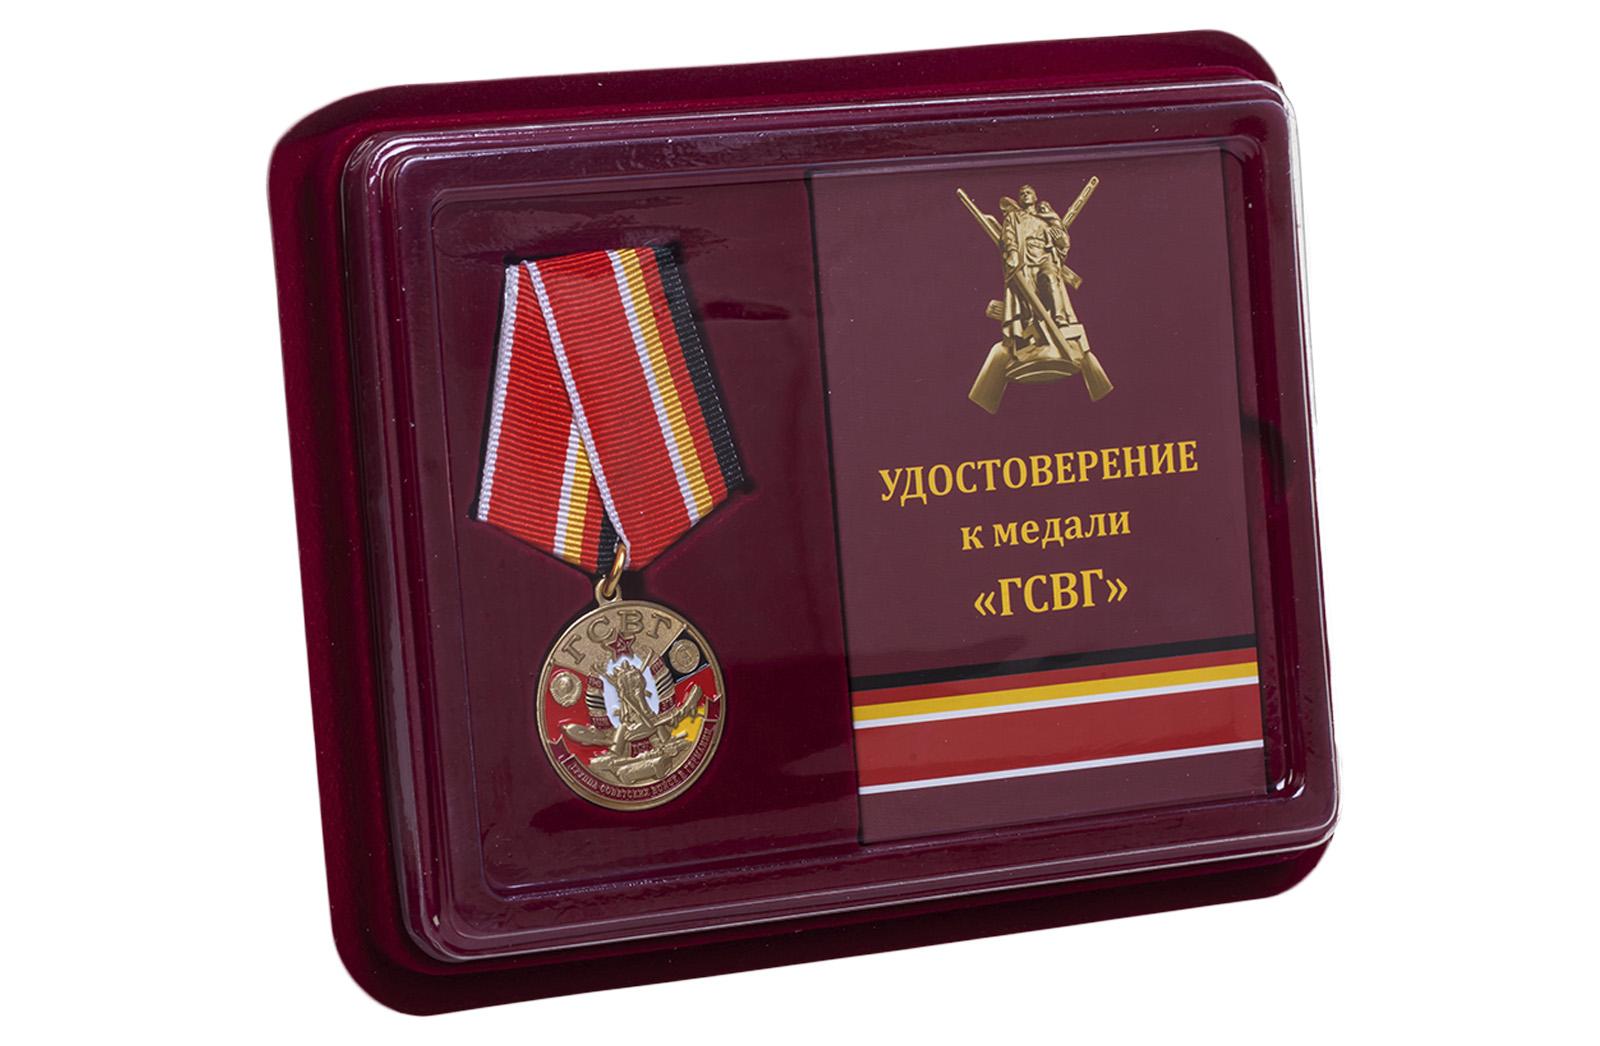 Медаль ГСВГ в футляре